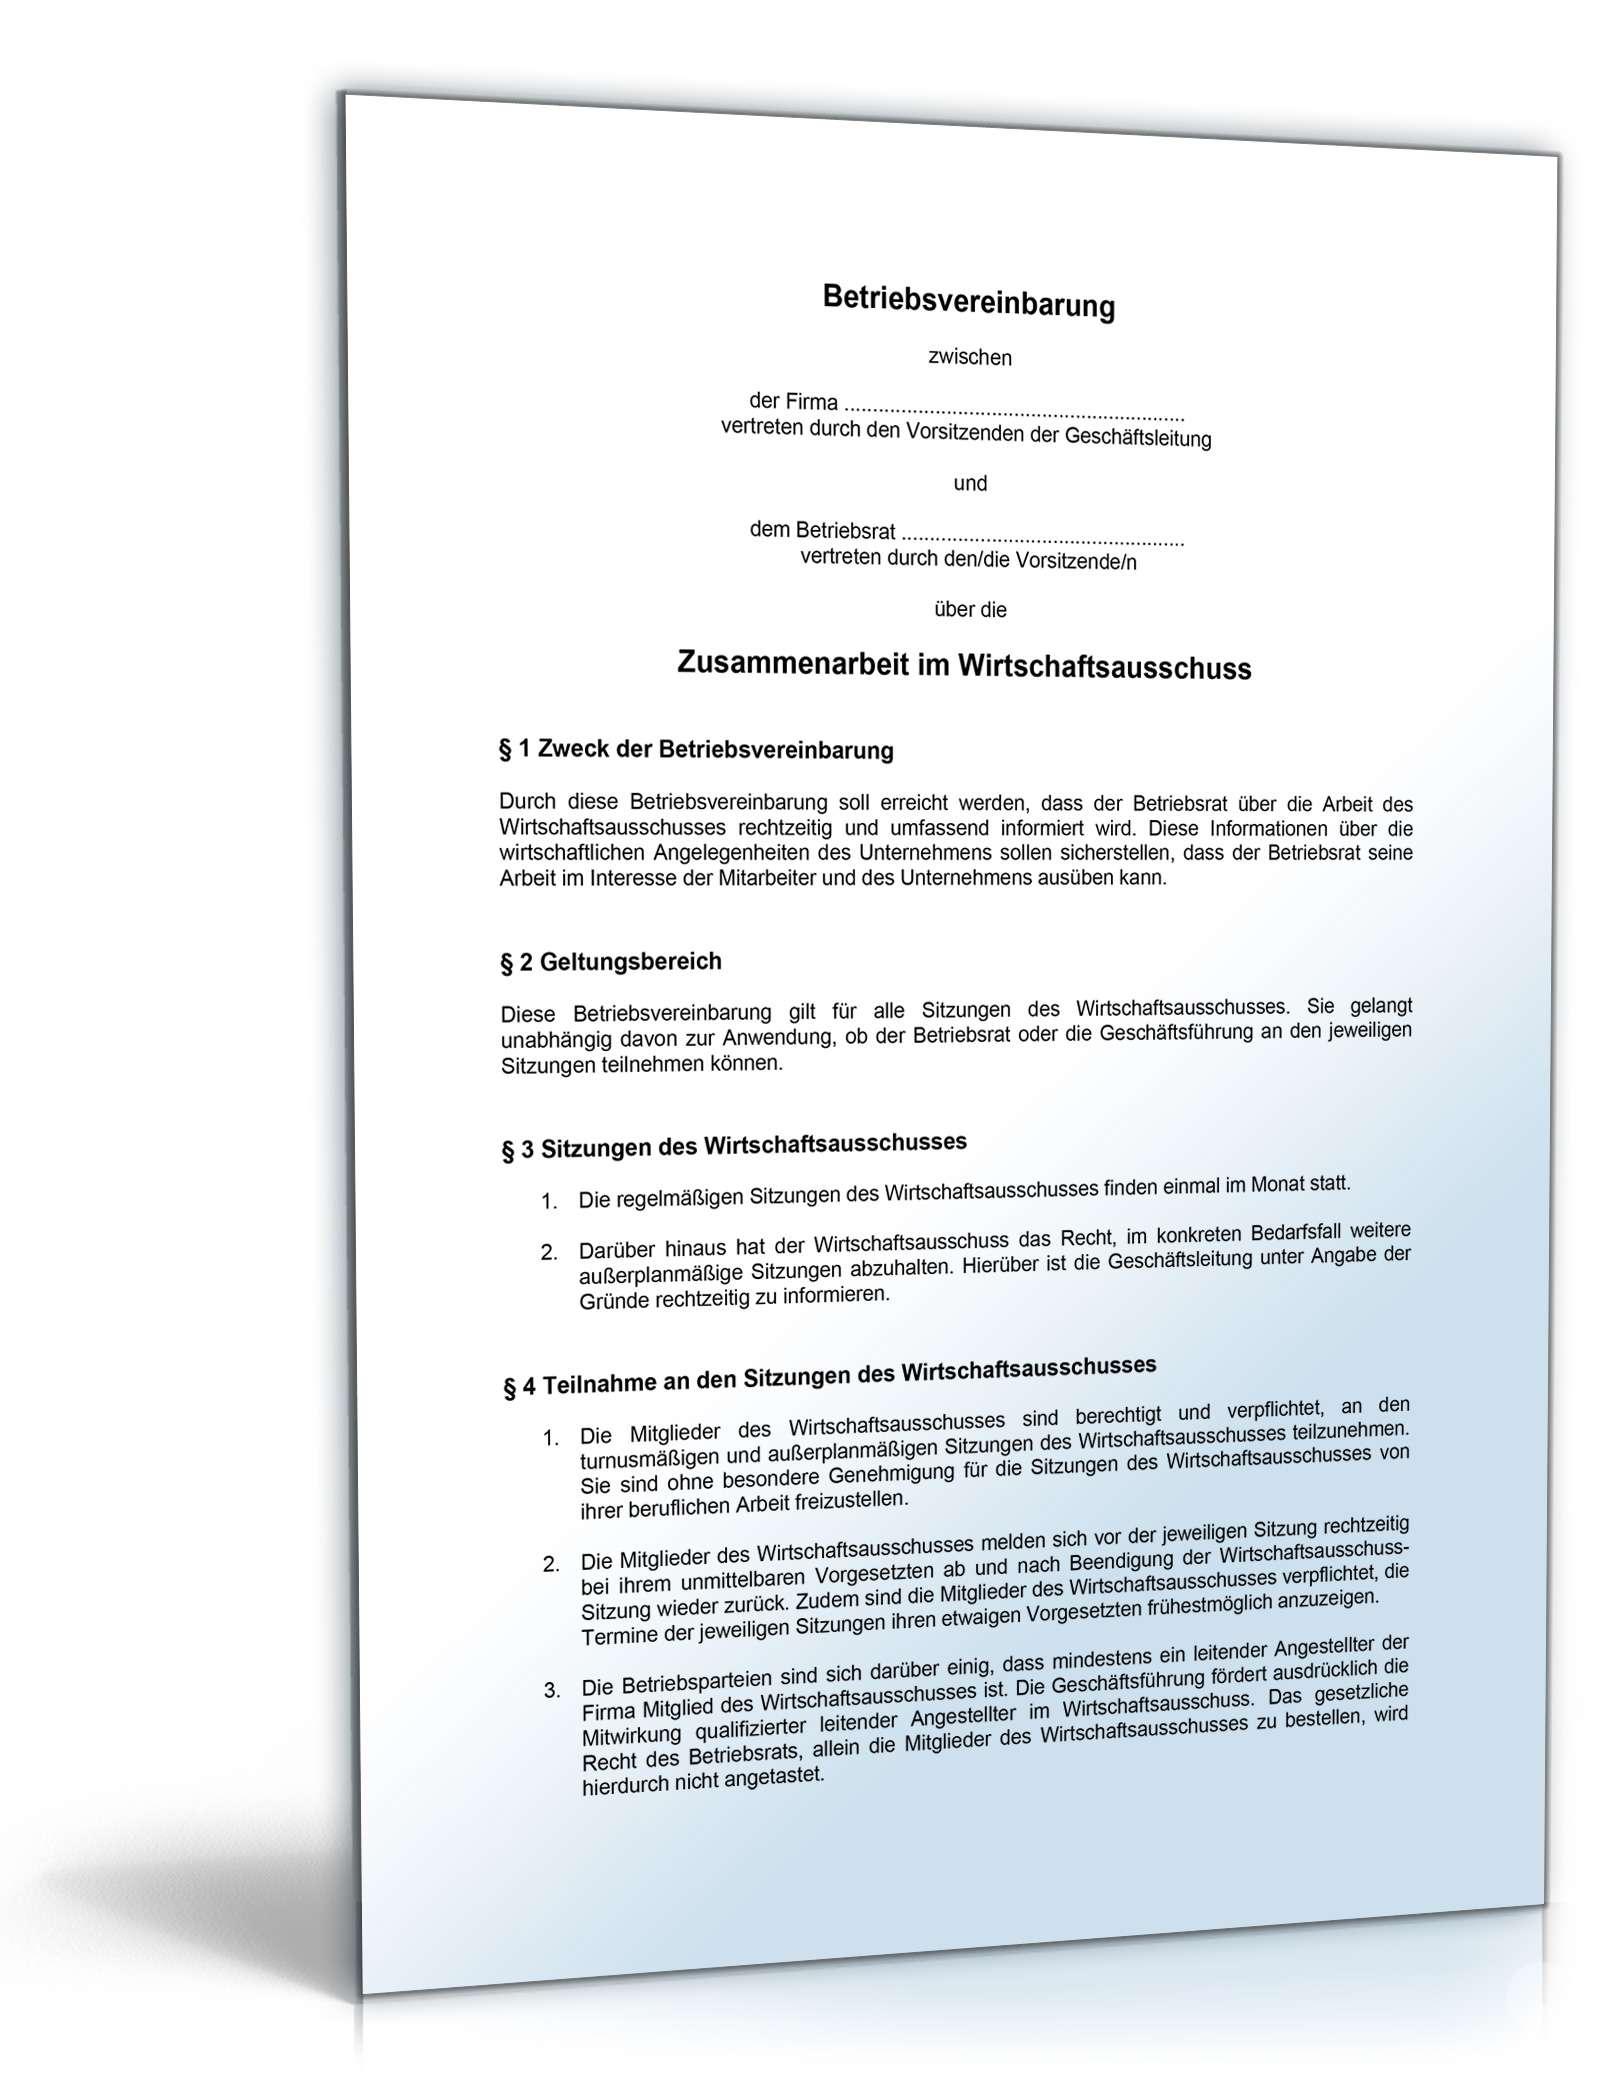 Betriebsvereinbarung Wirtschaftsausschuss - Muster-Vorlage zum Download